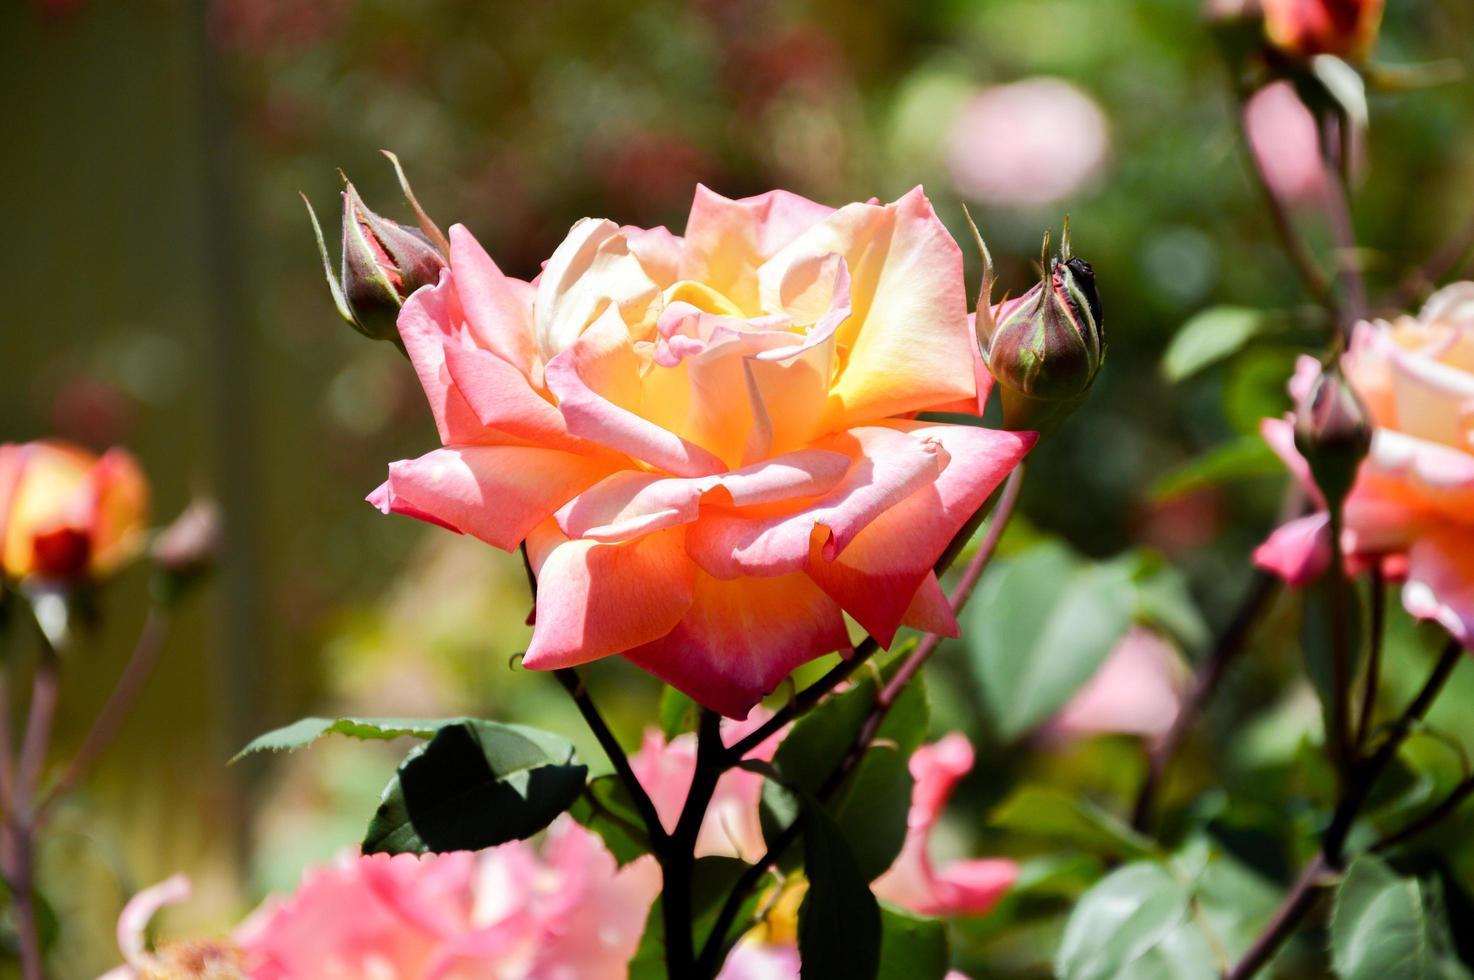 rosa rosa na luz solar foto